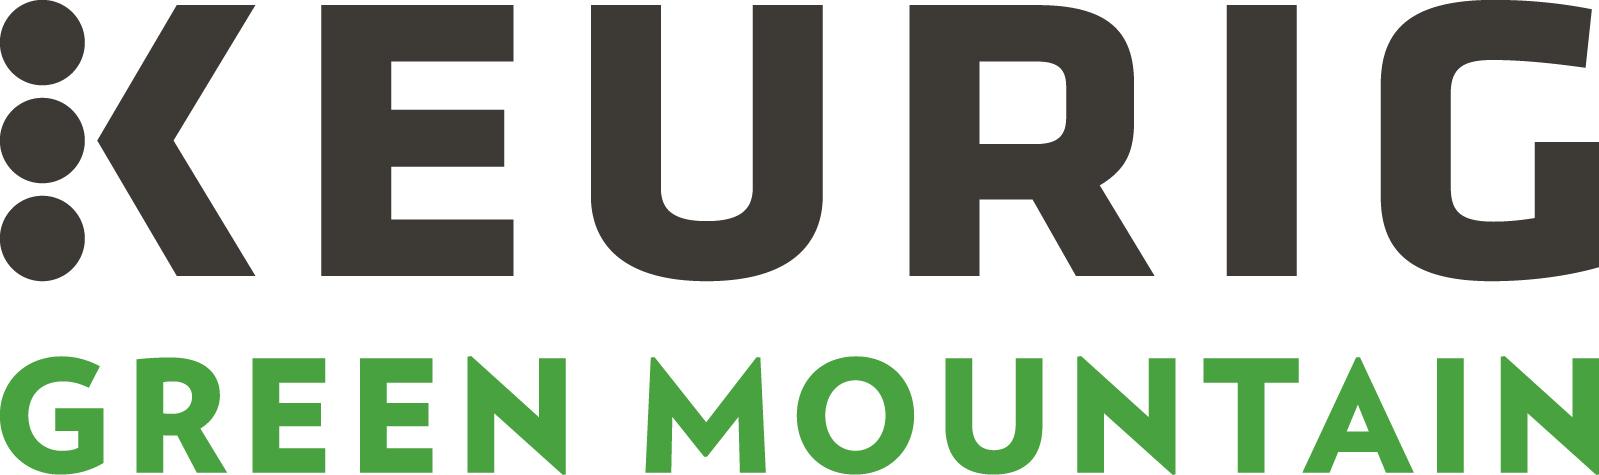 Keurig Green Mountain, Inc. logo